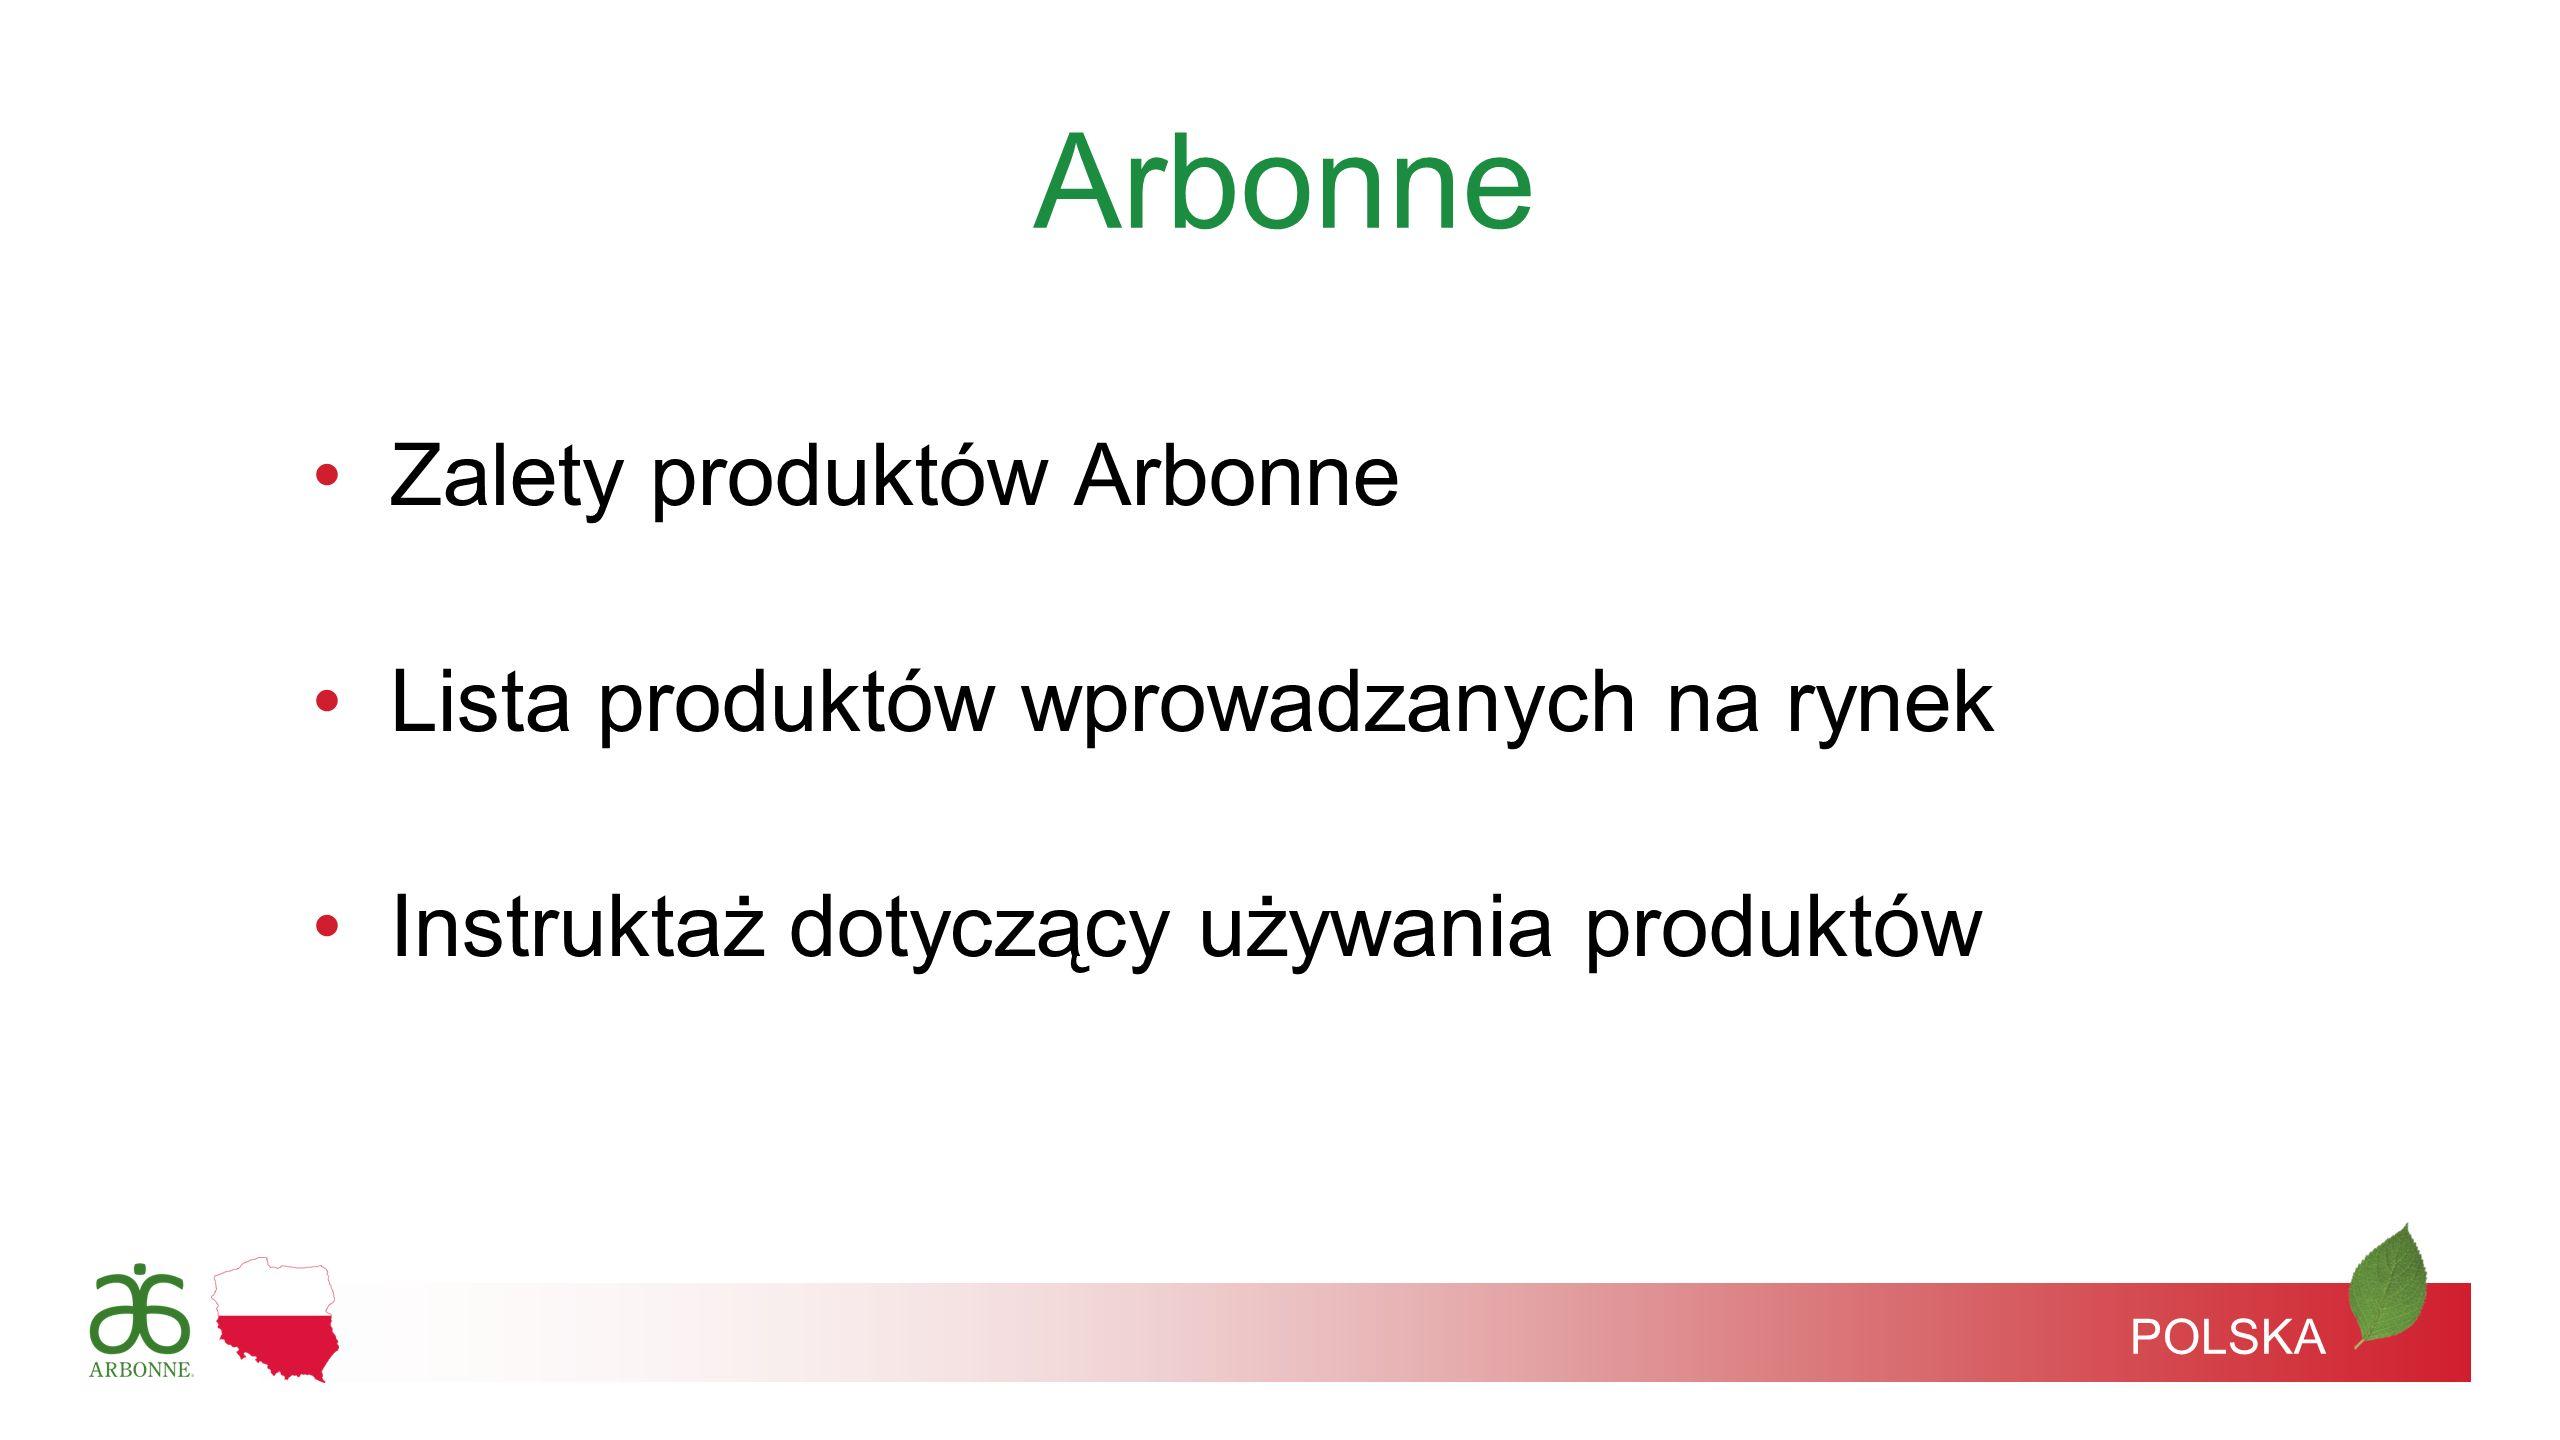 Zalety produktów Arbonne Lista produktów wprowadzanych na rynek Instruktaż dotyczący używania produktów Arbonne